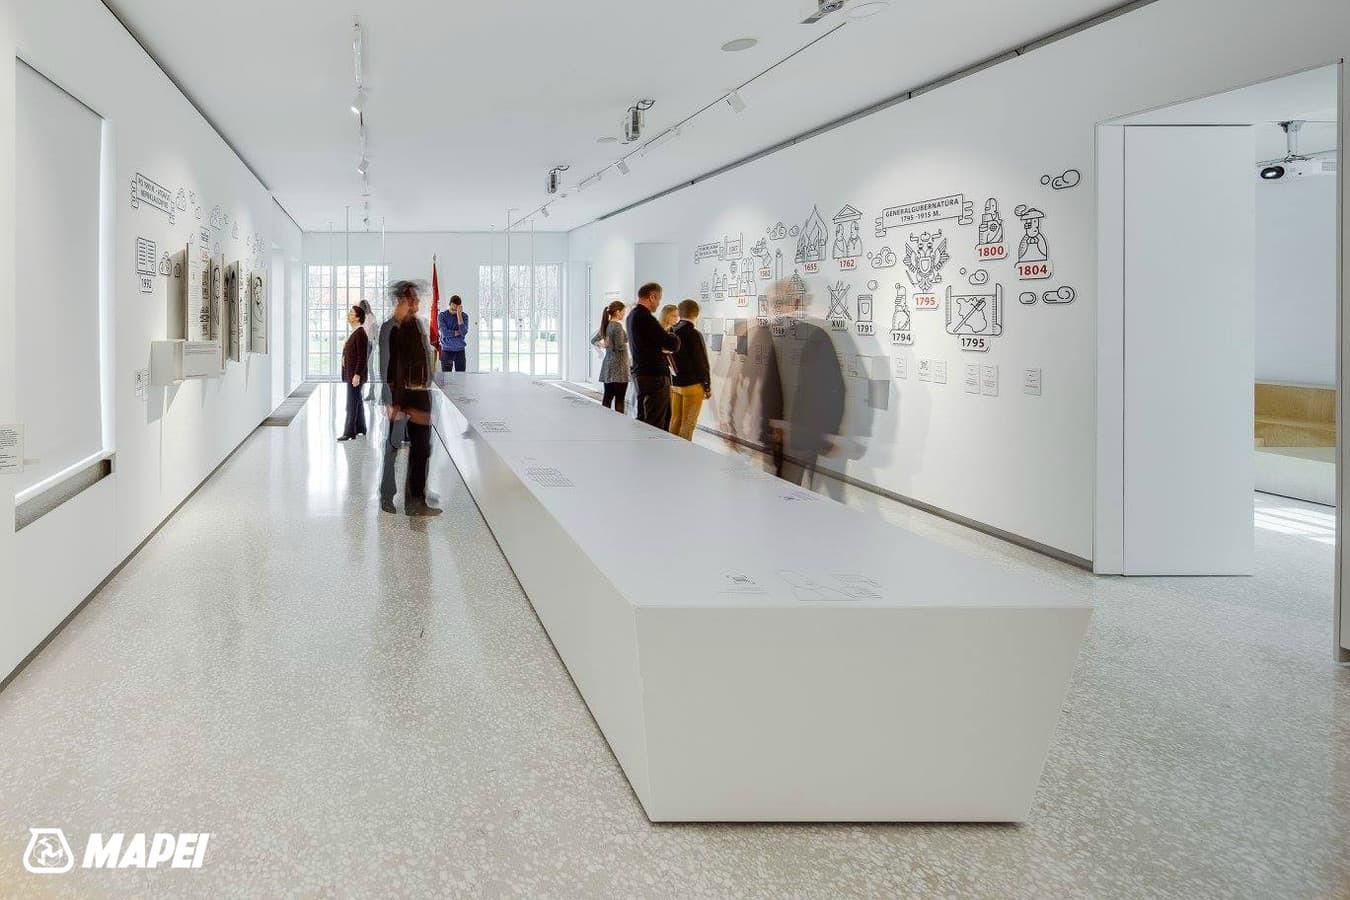 """ULTRATOP cementinė savaime išsilyginanti grindų danga. """"Terrazzo"""" efektas su marmuro užpildais, Valstybės pažinimo centras Vilniuje. http://velvemst.lt/uploads/517_ultratop_lt_160318.pdf"""